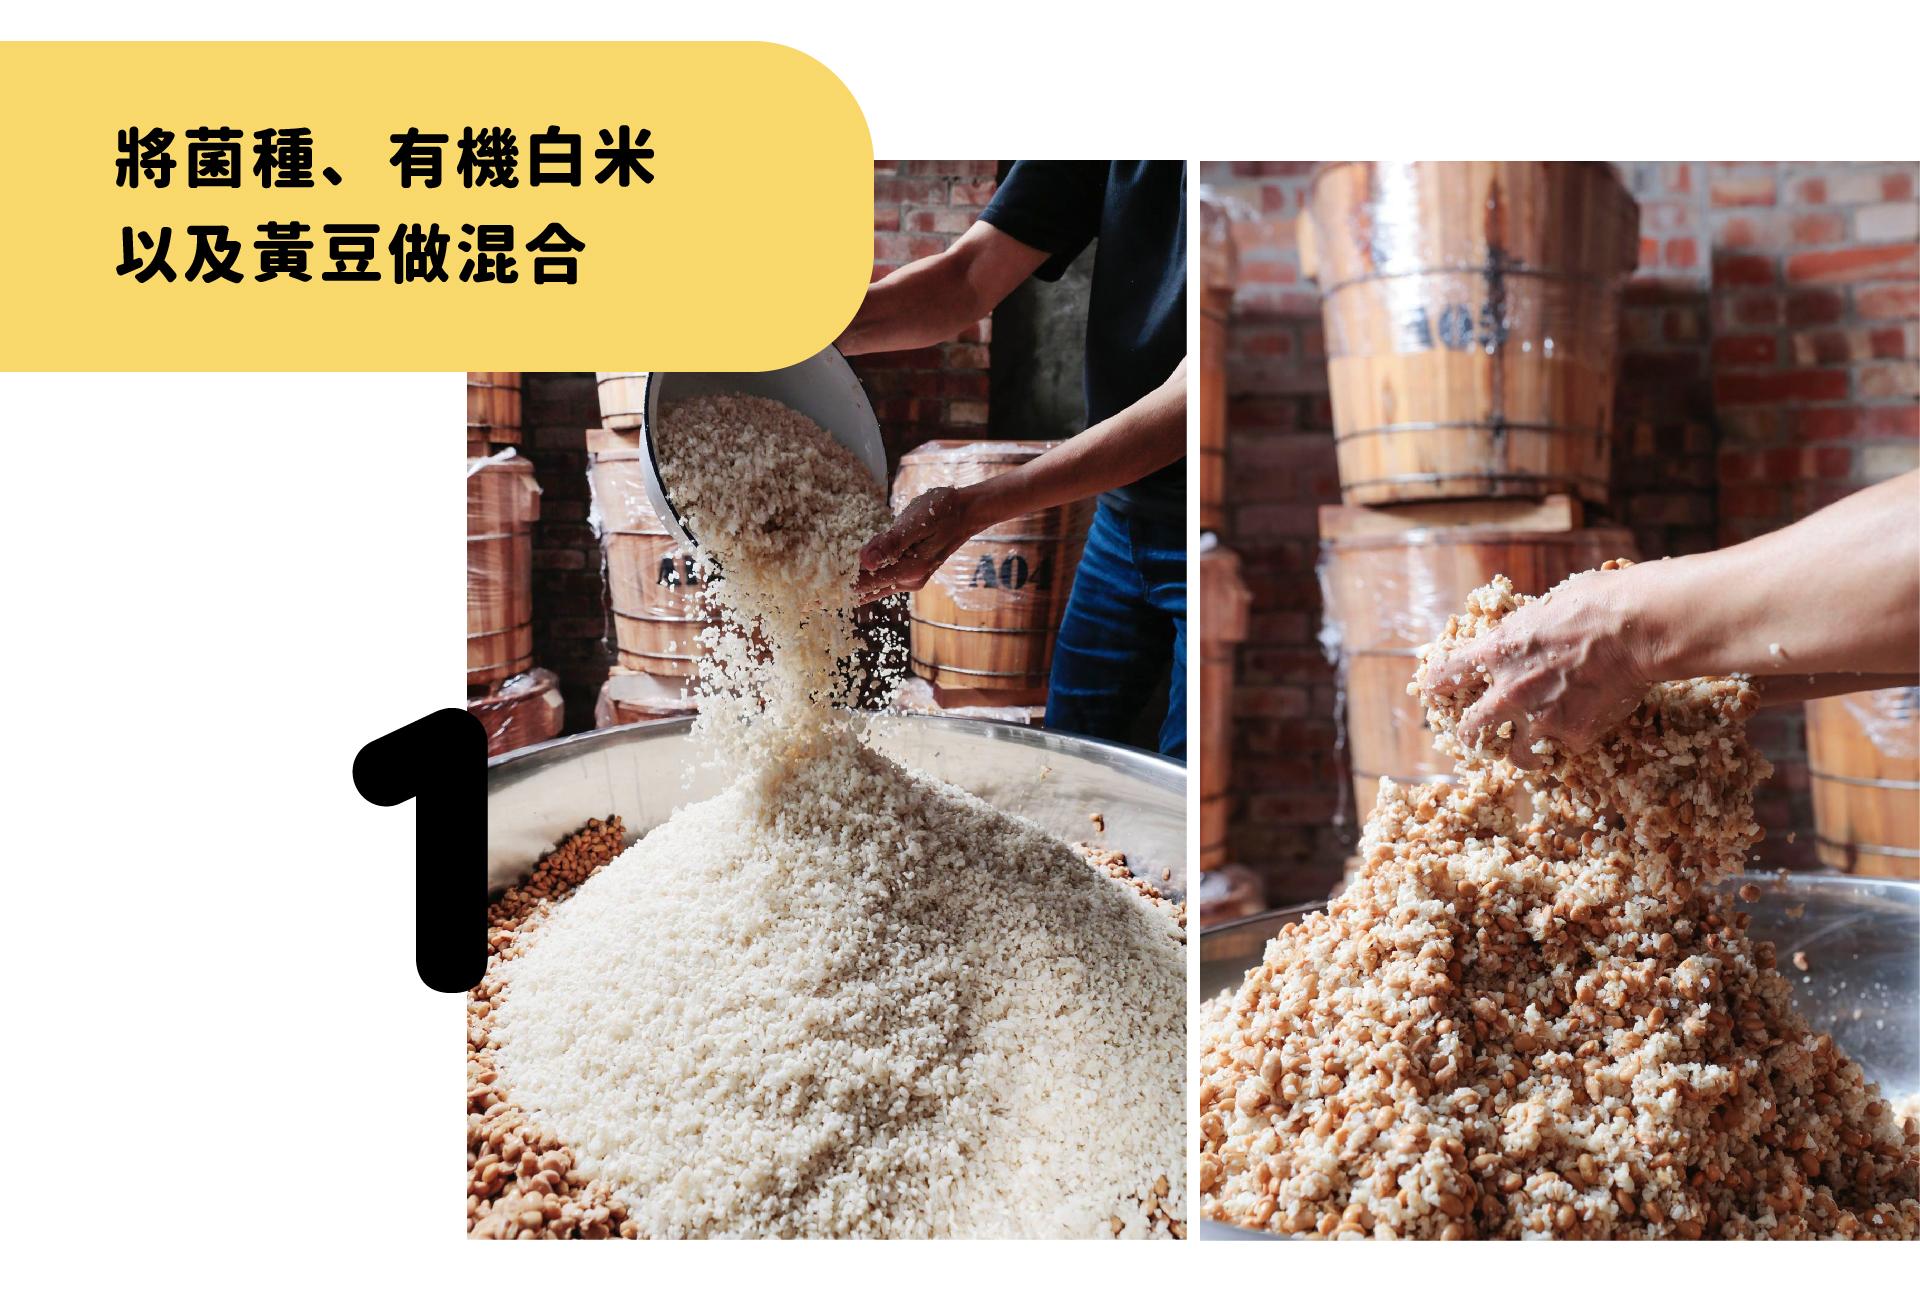 將菌種、有機白米以及黃豆做混合